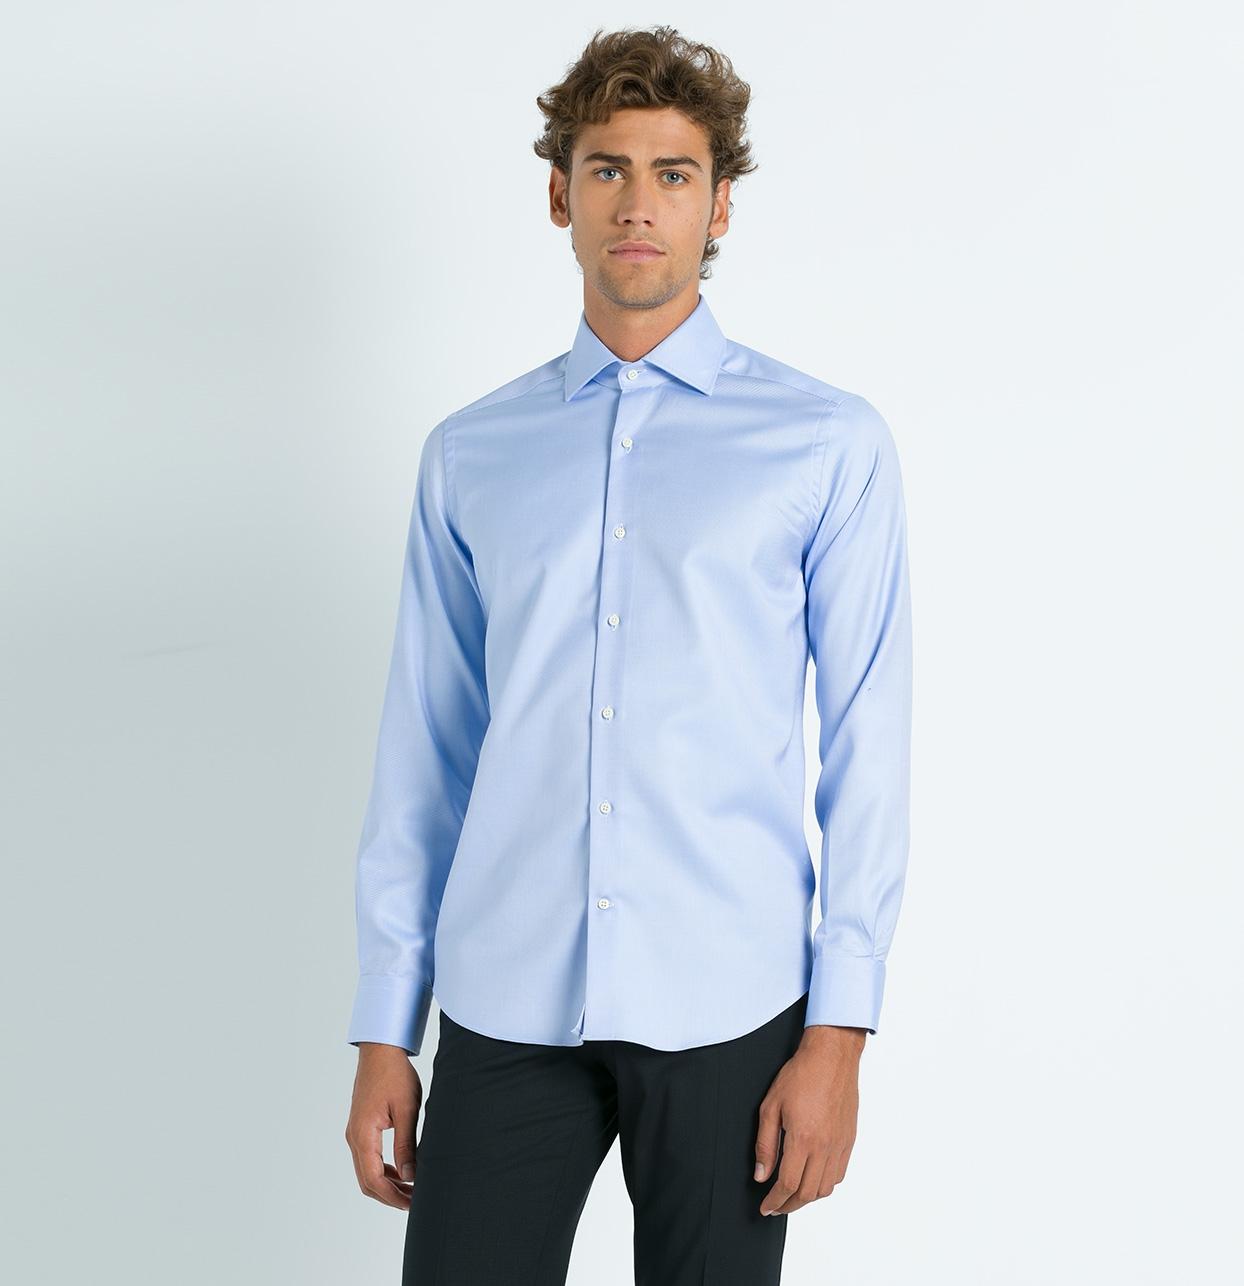 Camisa Formal Wear REGULAR FIT cuello Italiano, modelo NAPOLI tejido micrograbado color azul, 100% algodón. - Ítem3